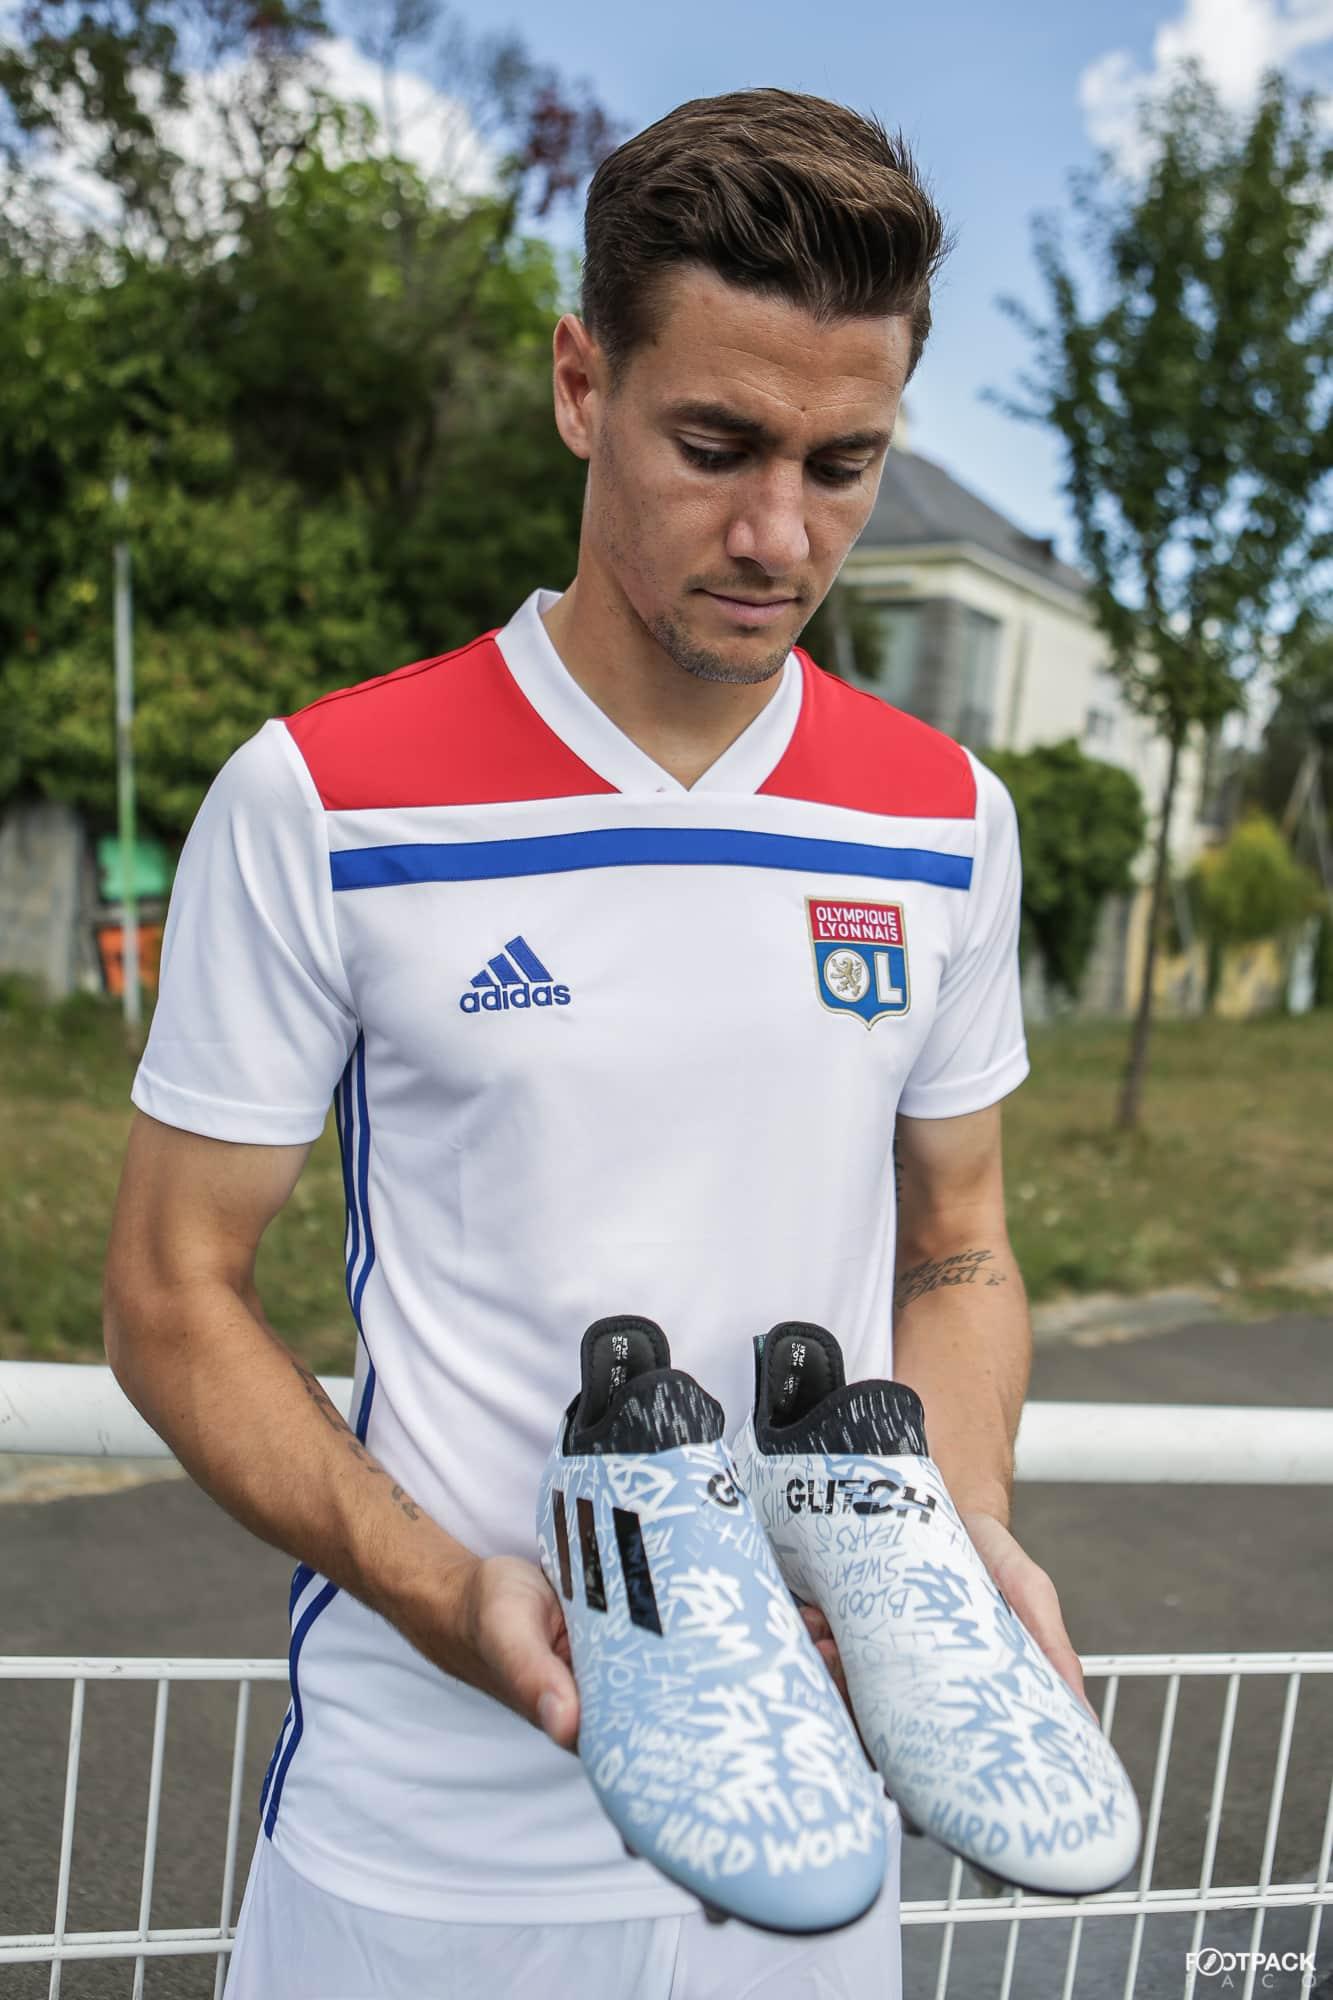 2 Skins La Nouveaux Glitch 0Prepskin Dévoile Deux Adidas Pour nmv08Nw